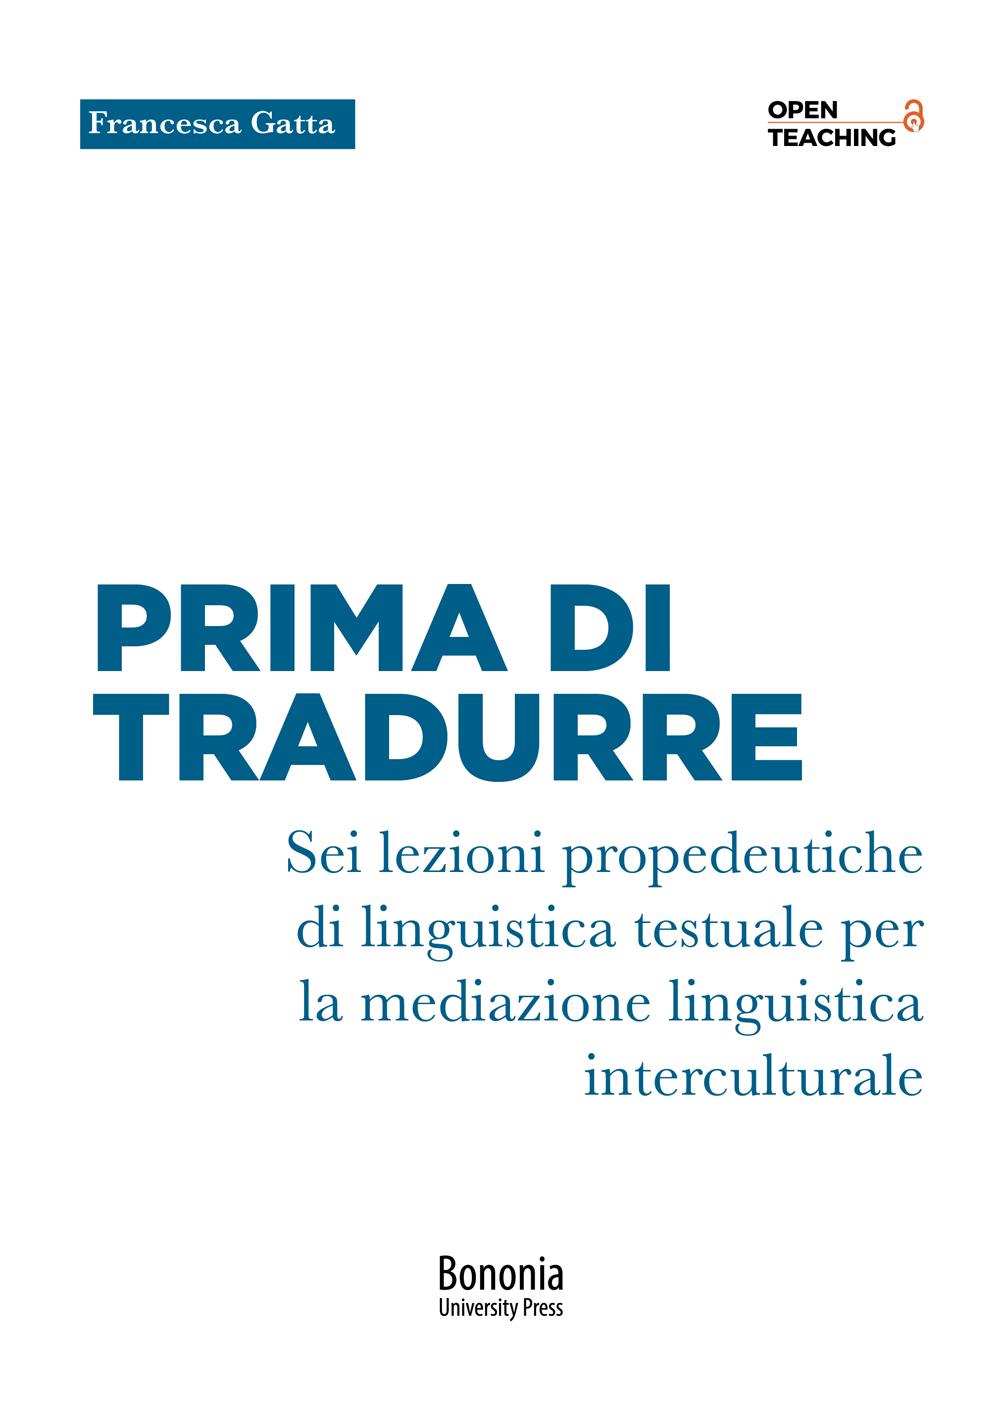 Prima di tradurre - Bononia University Press